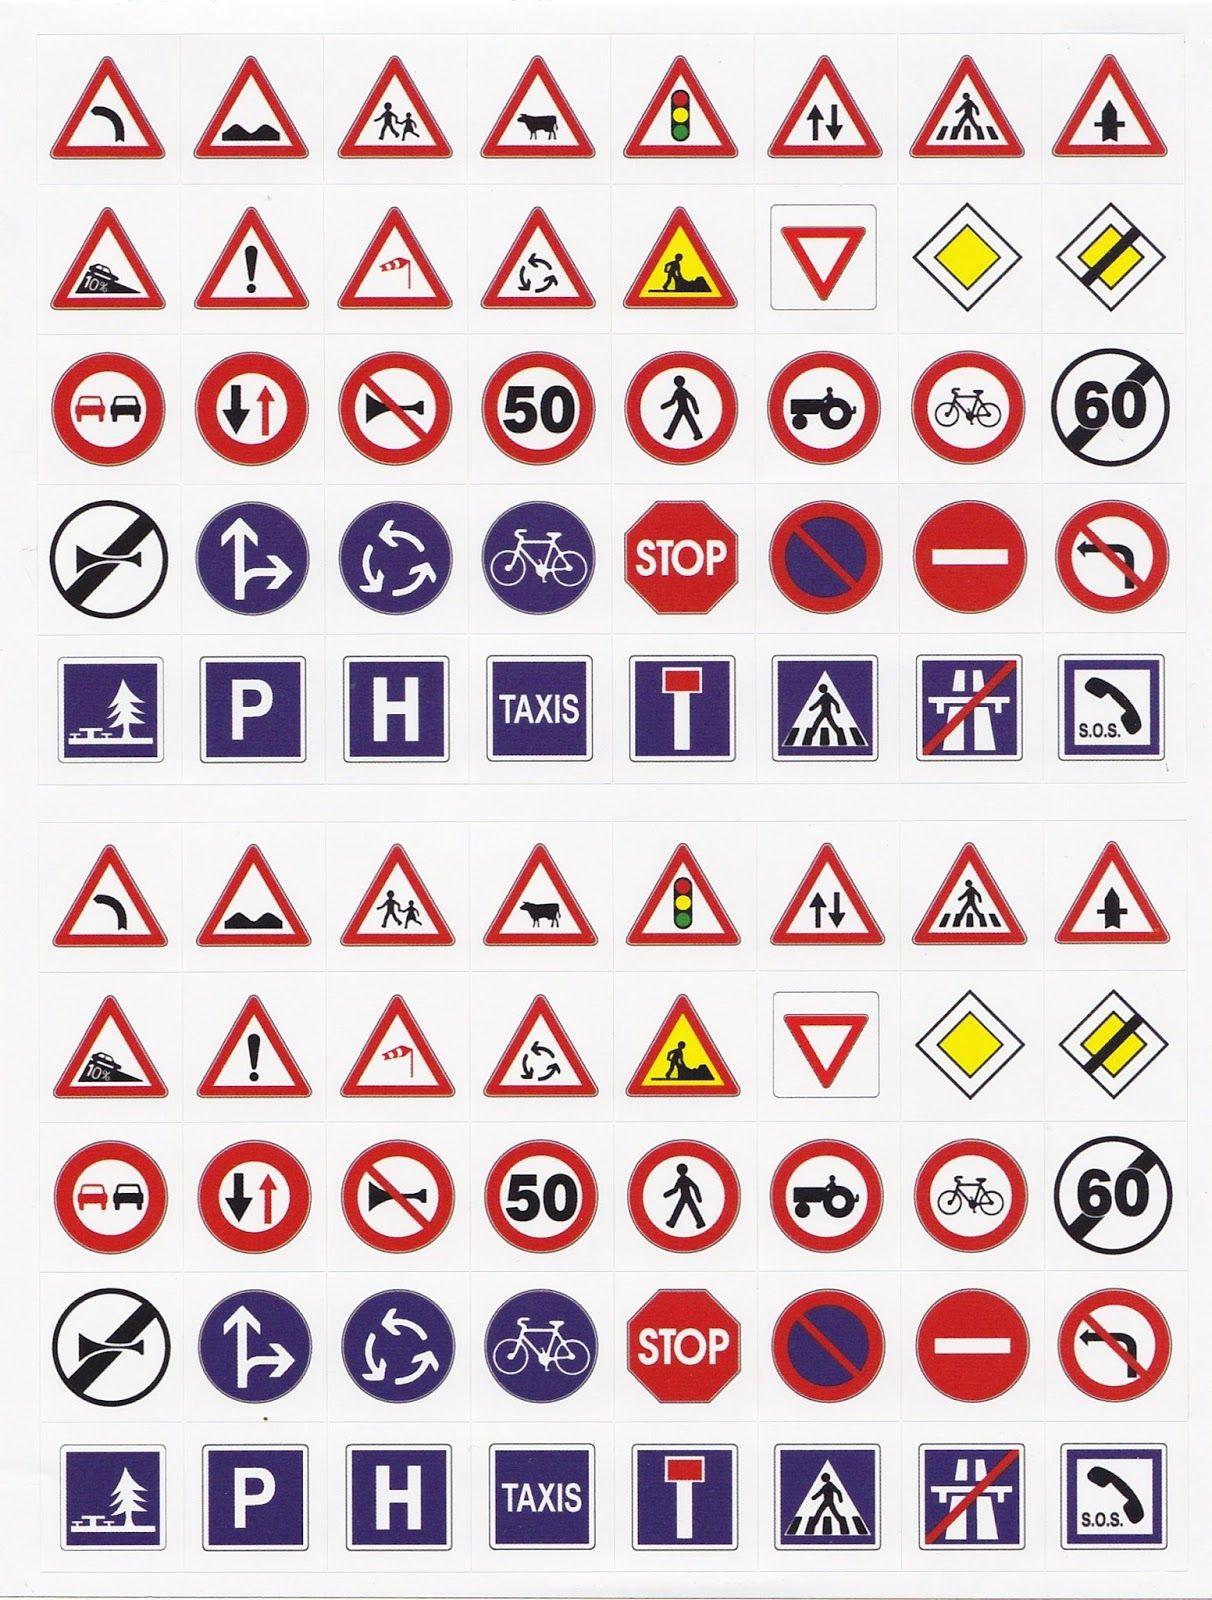 Resultat De Recherche D Images Pour Panneau De Signalisation A Imprimer Gratuit Panneau Signalisation Panneau Affiche